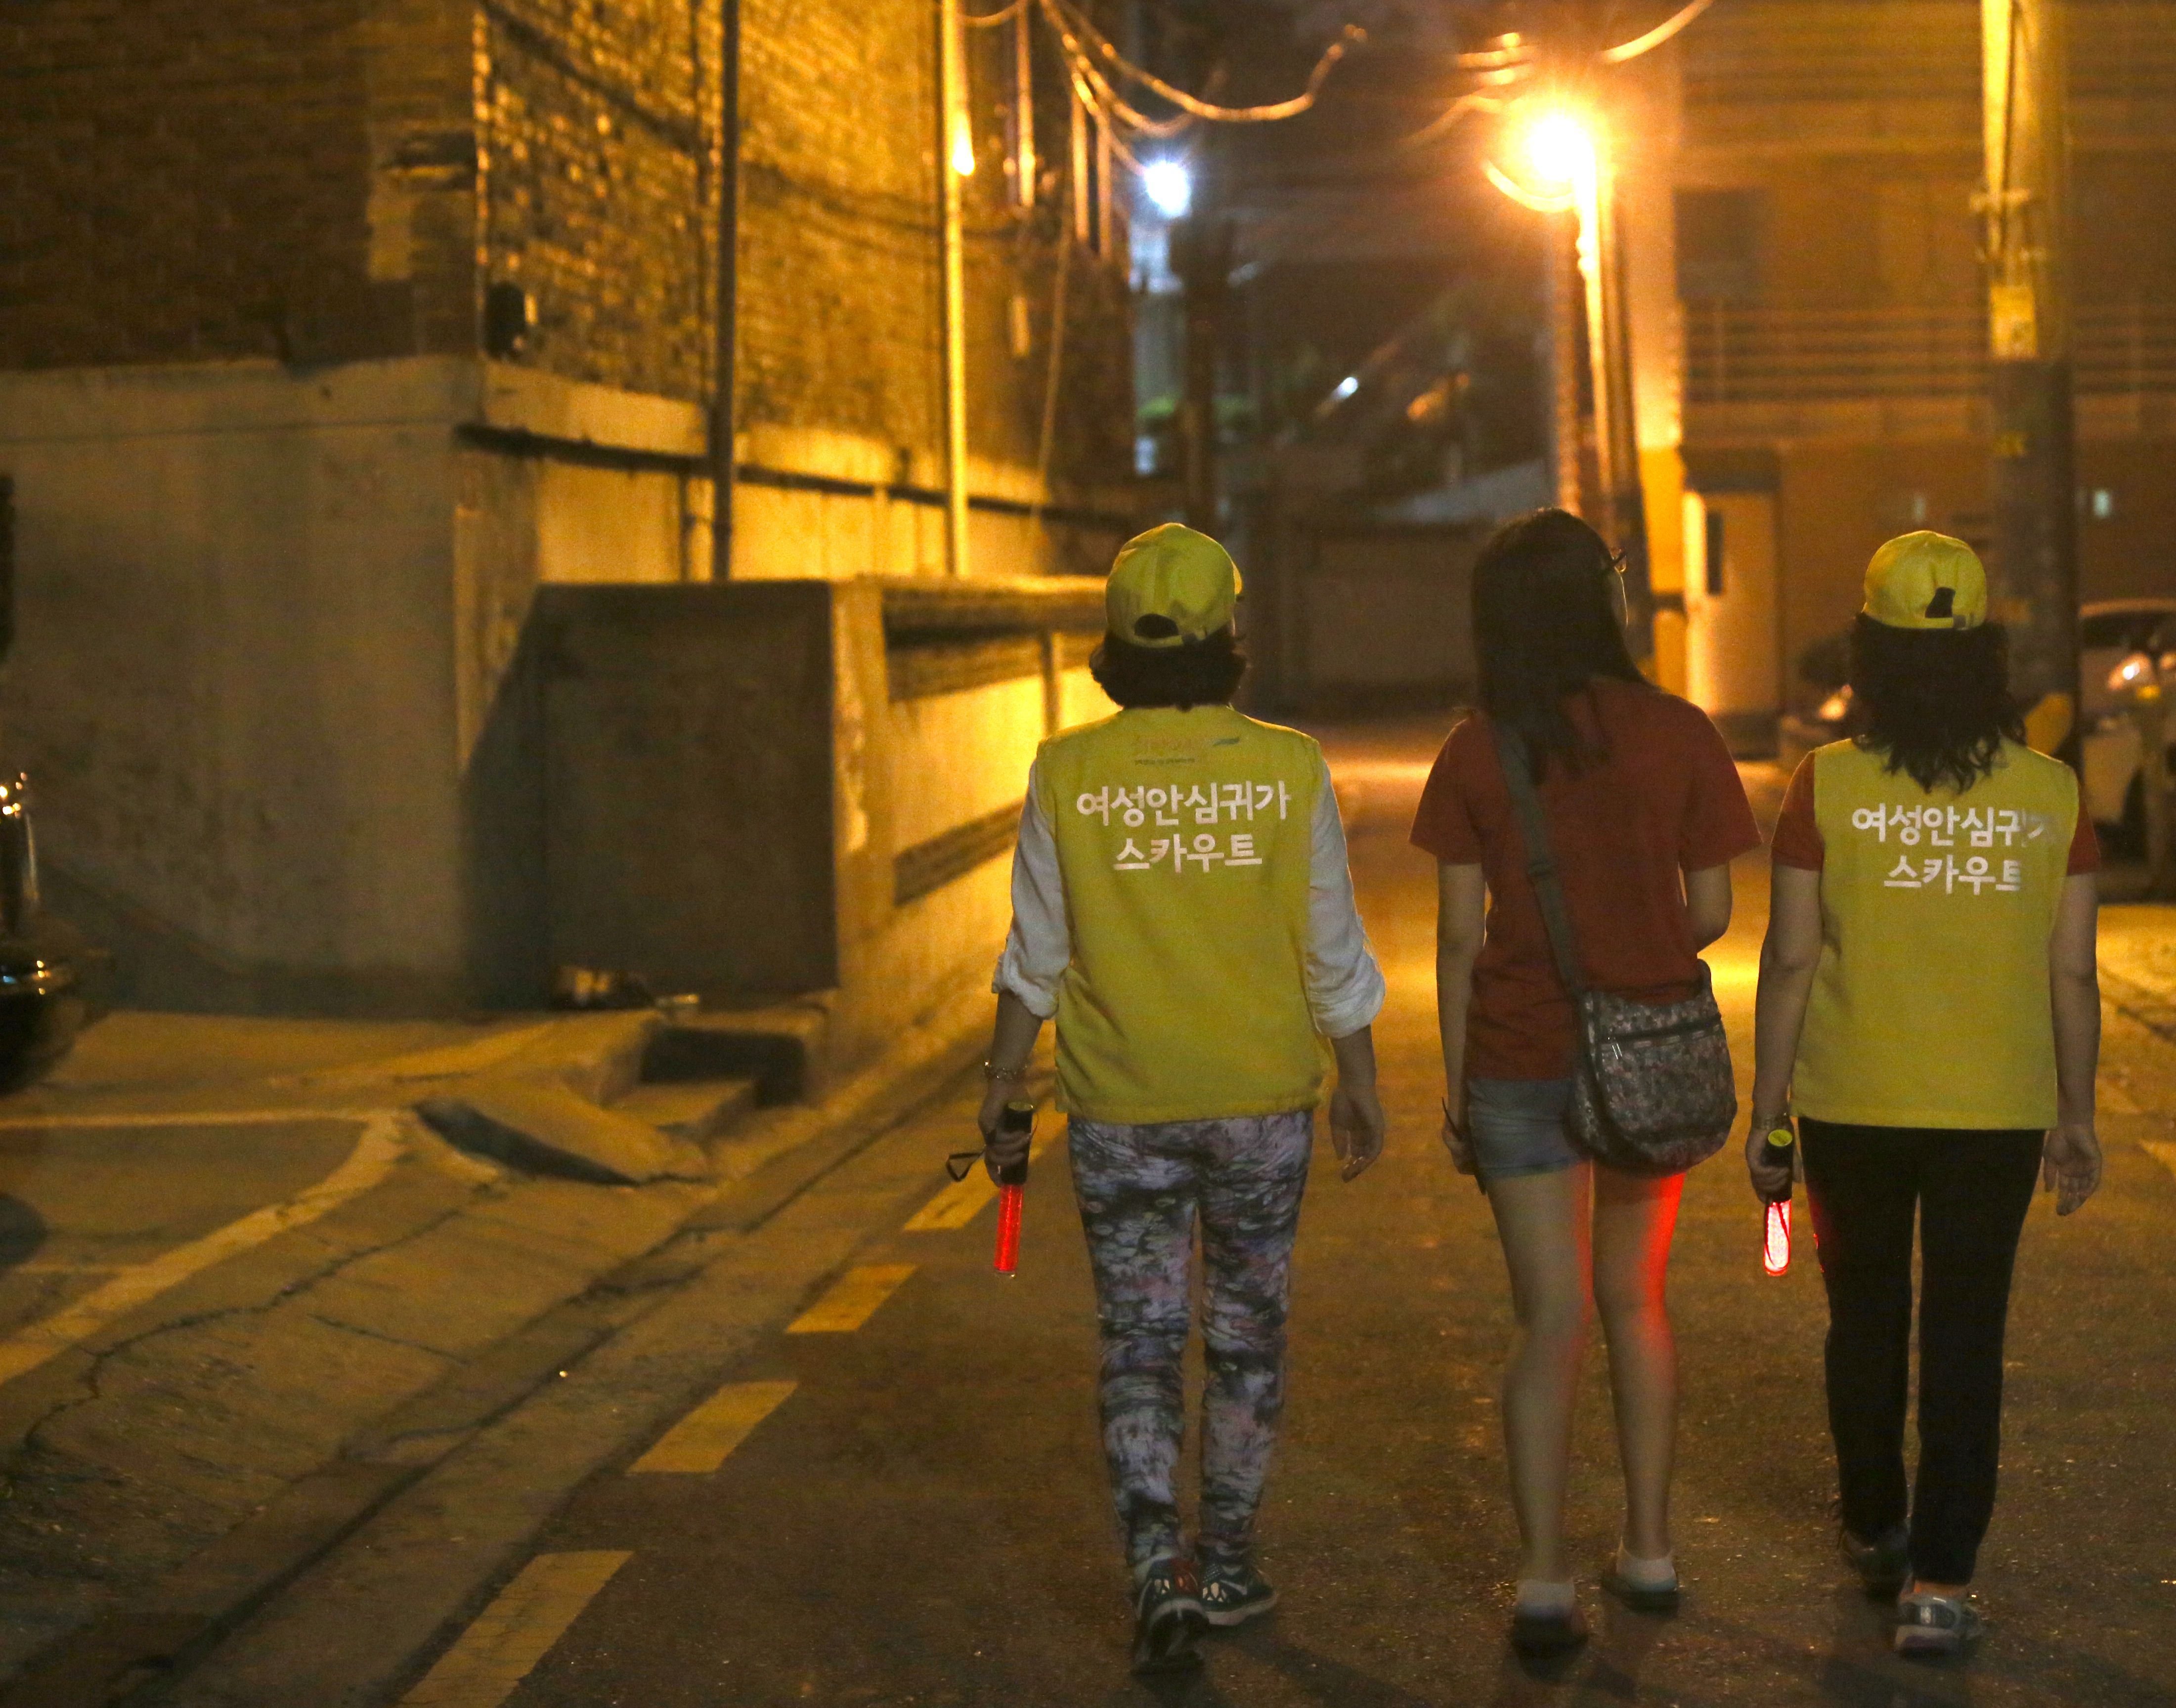 Seul implementa programas para a segurança da mulher